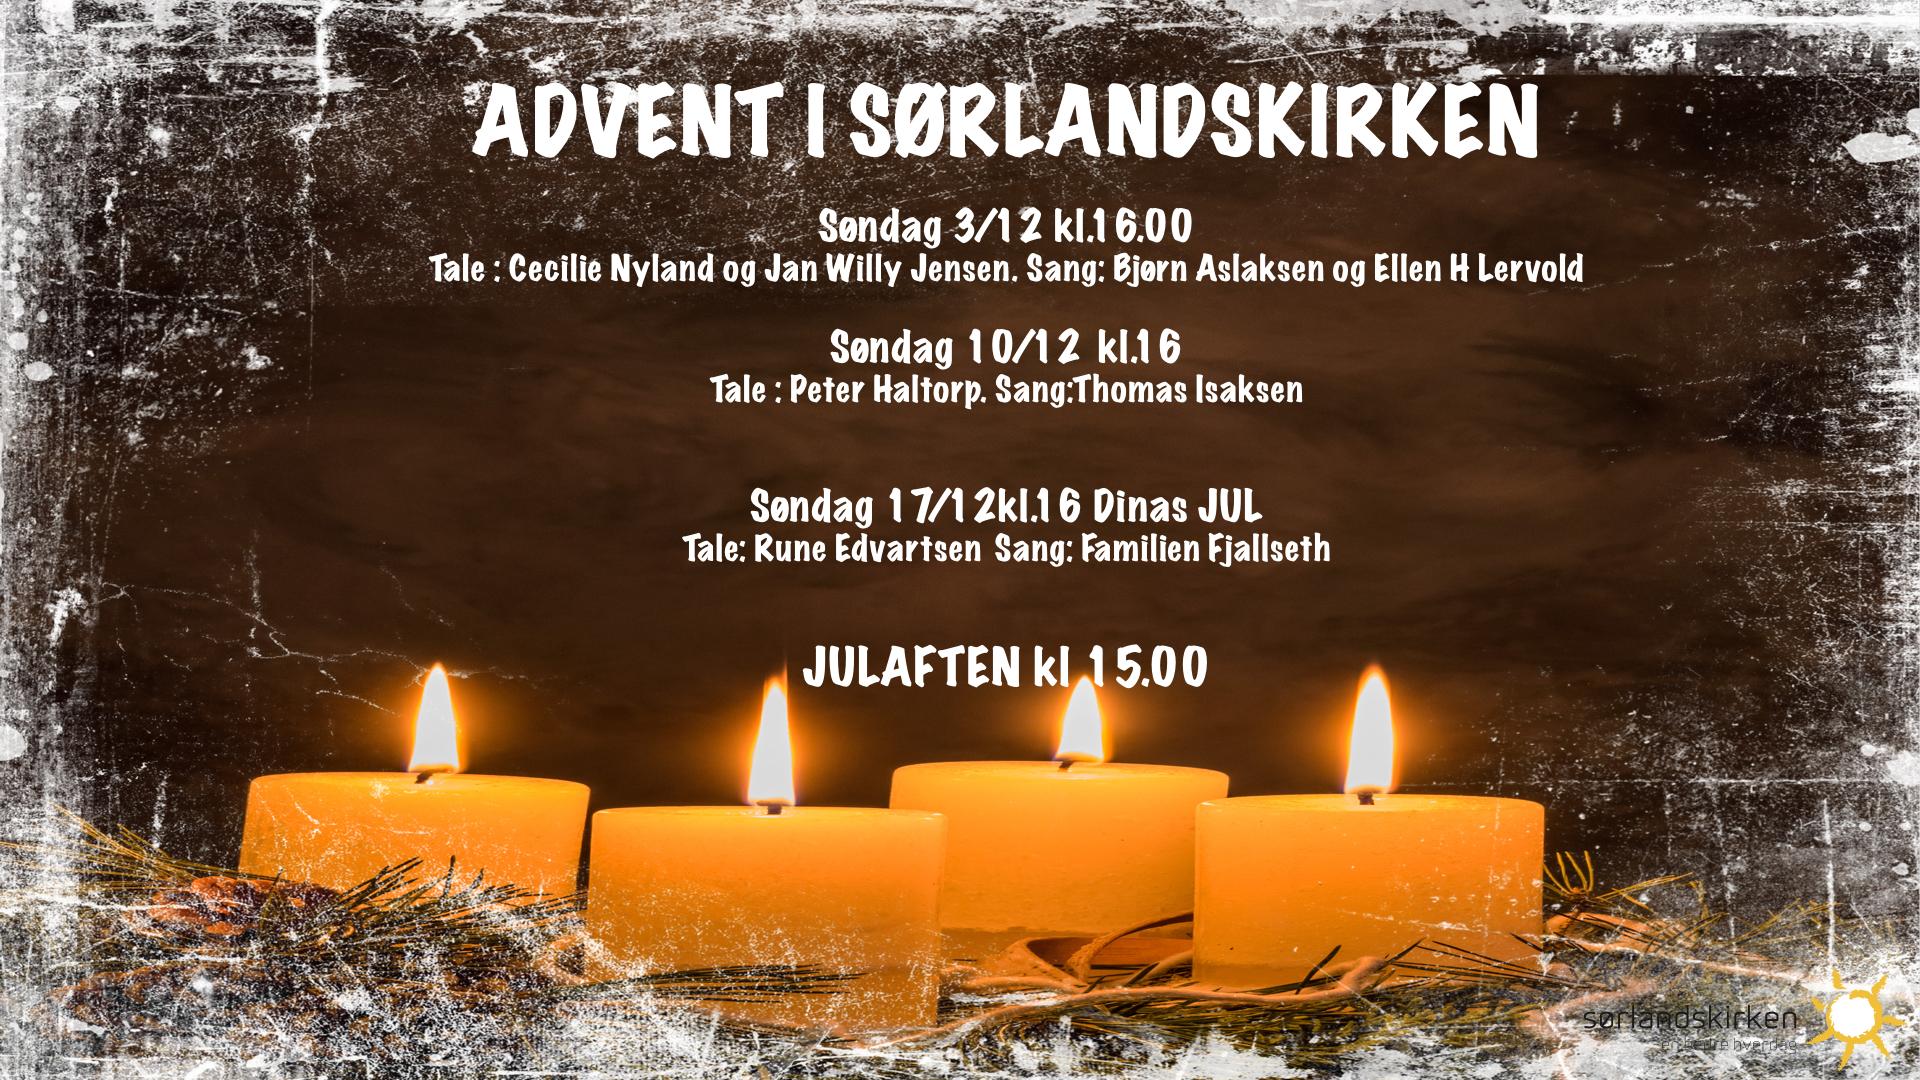 Adventstiden i Sørlandskirken